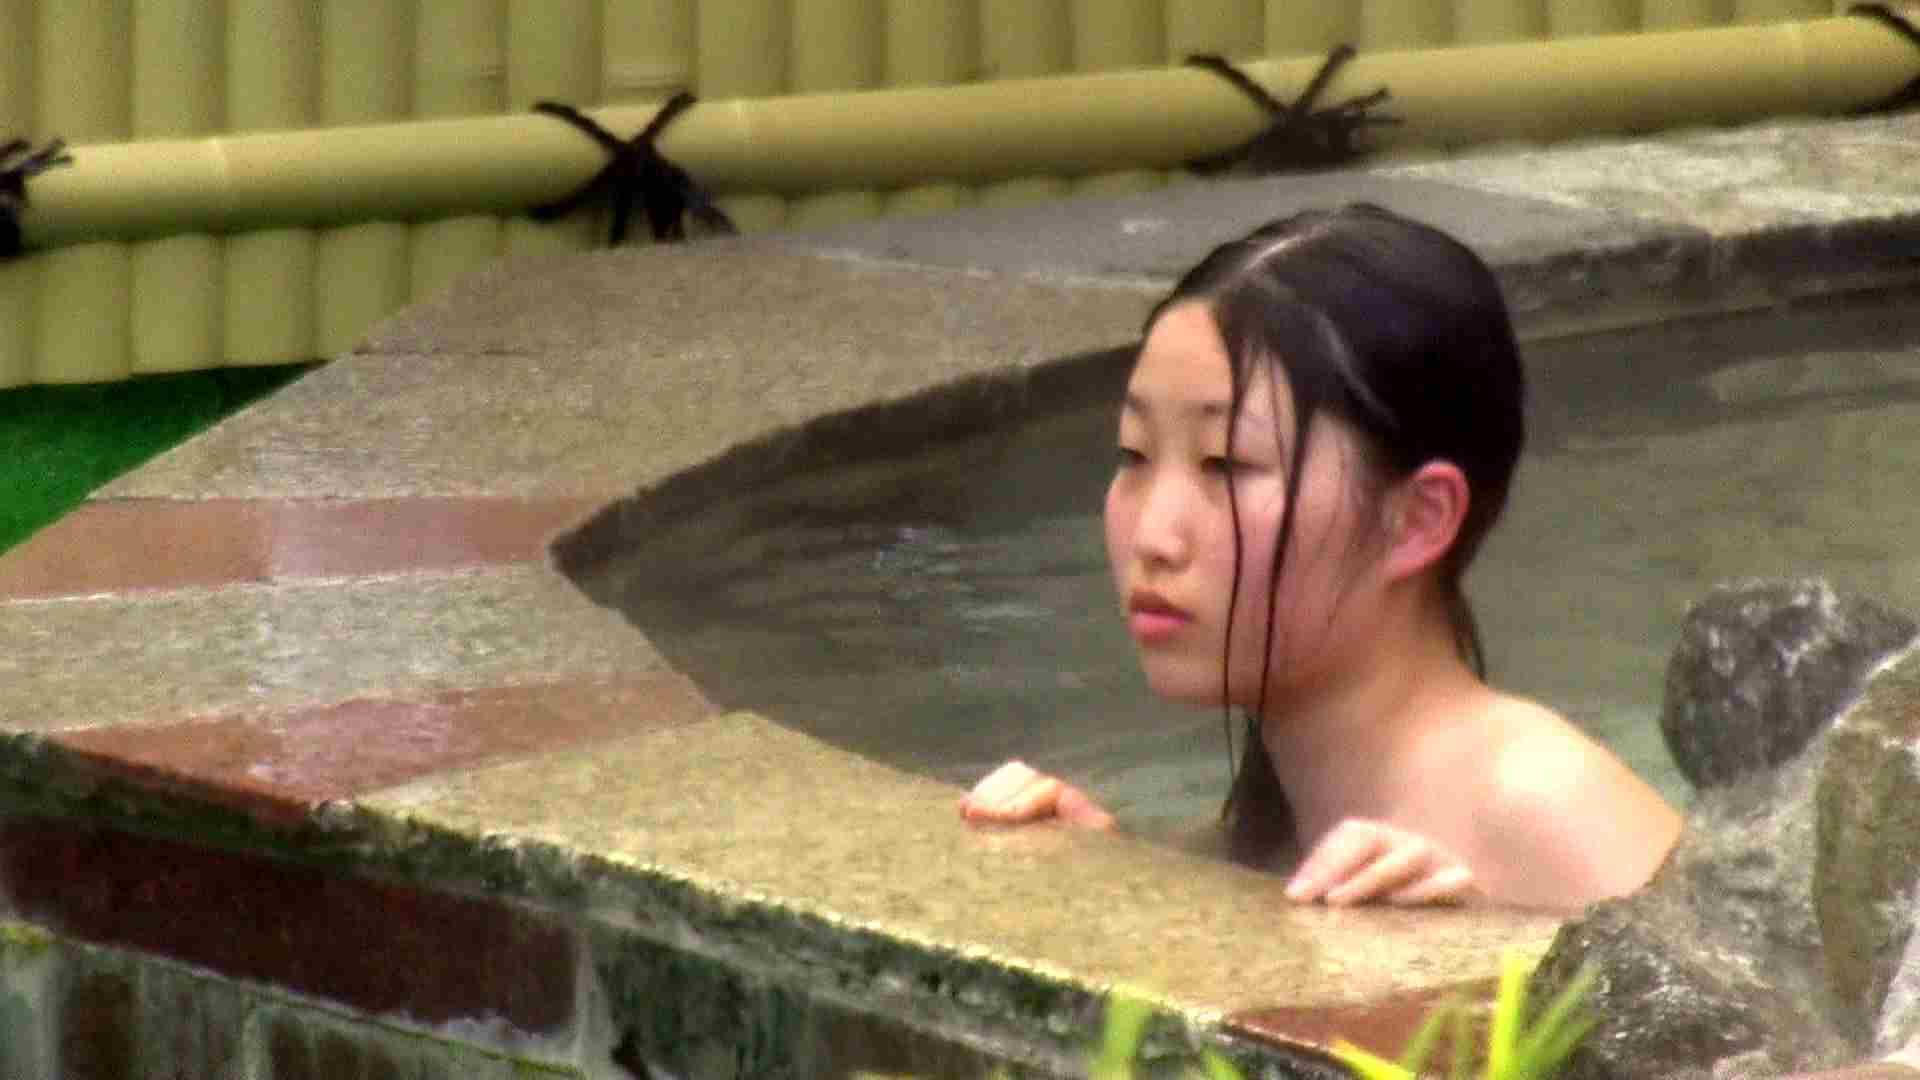 Aquaな露天風呂Vol.218 露天   盗撮  81PICs 31